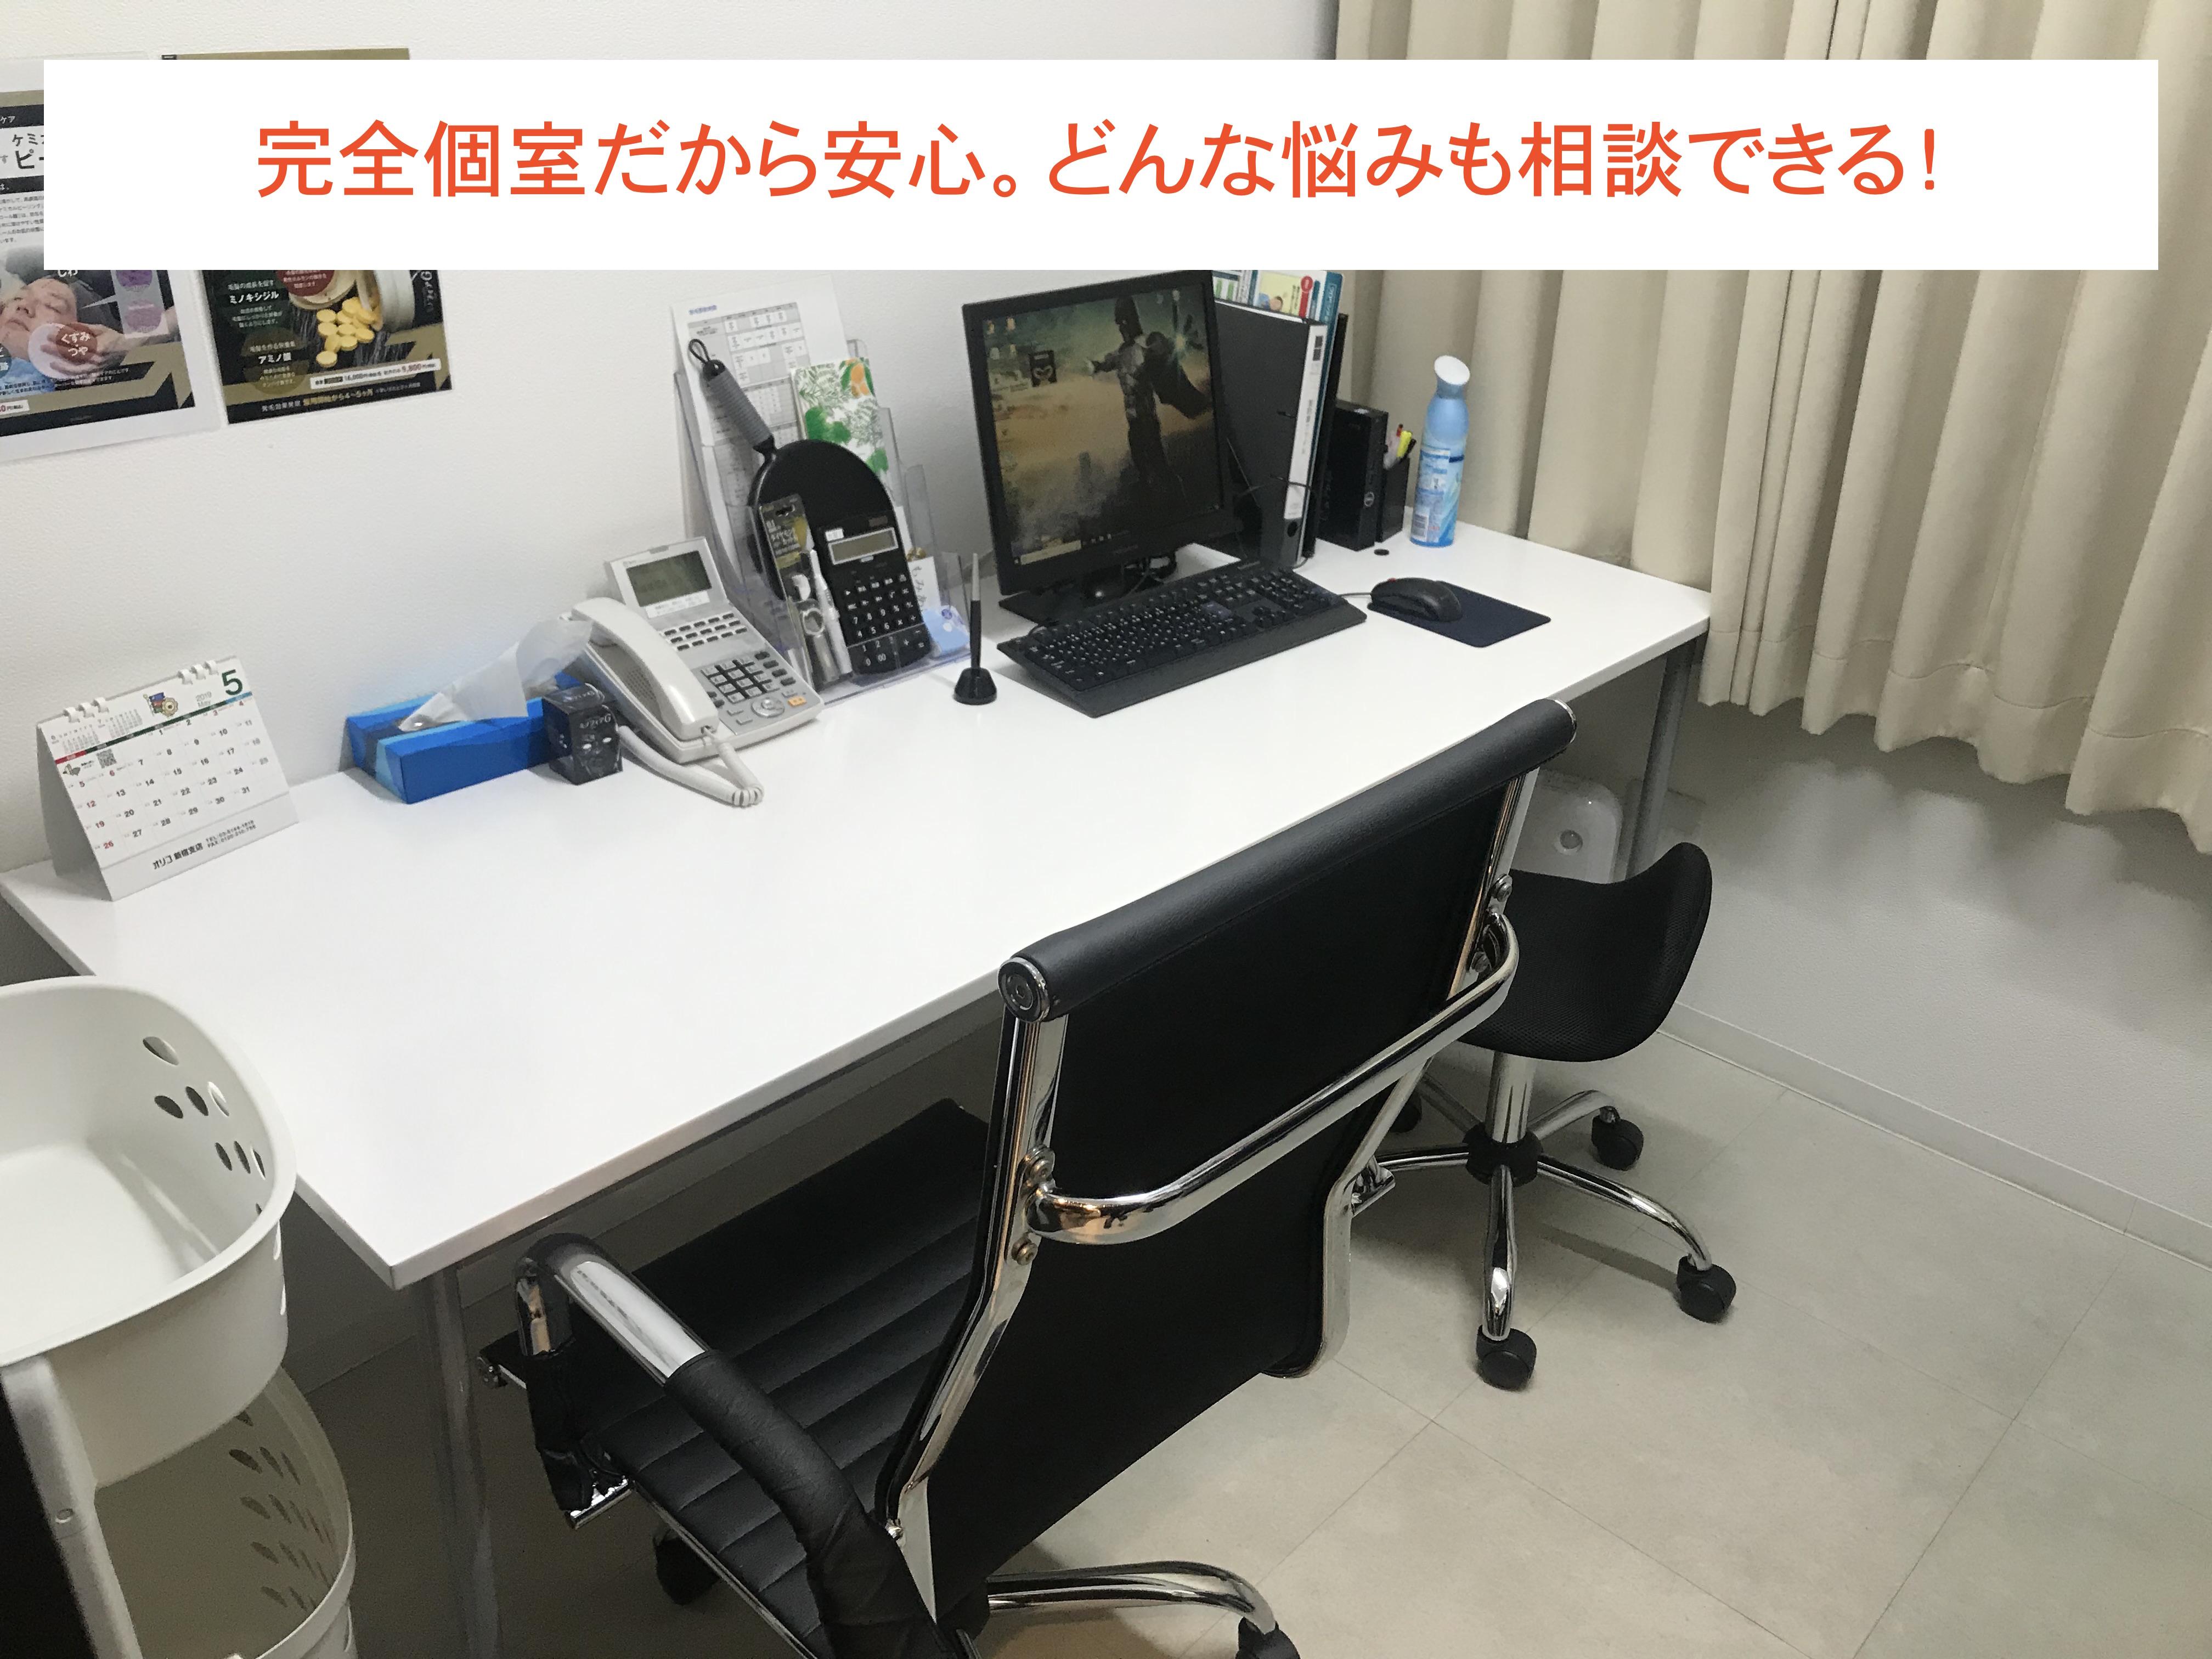 【写真付】ゴリラクリニック渋谷院で無料カウンセリングを体験!予約方法から当日の行き方(アクセス)、院内の雰囲気まで徹底解説!